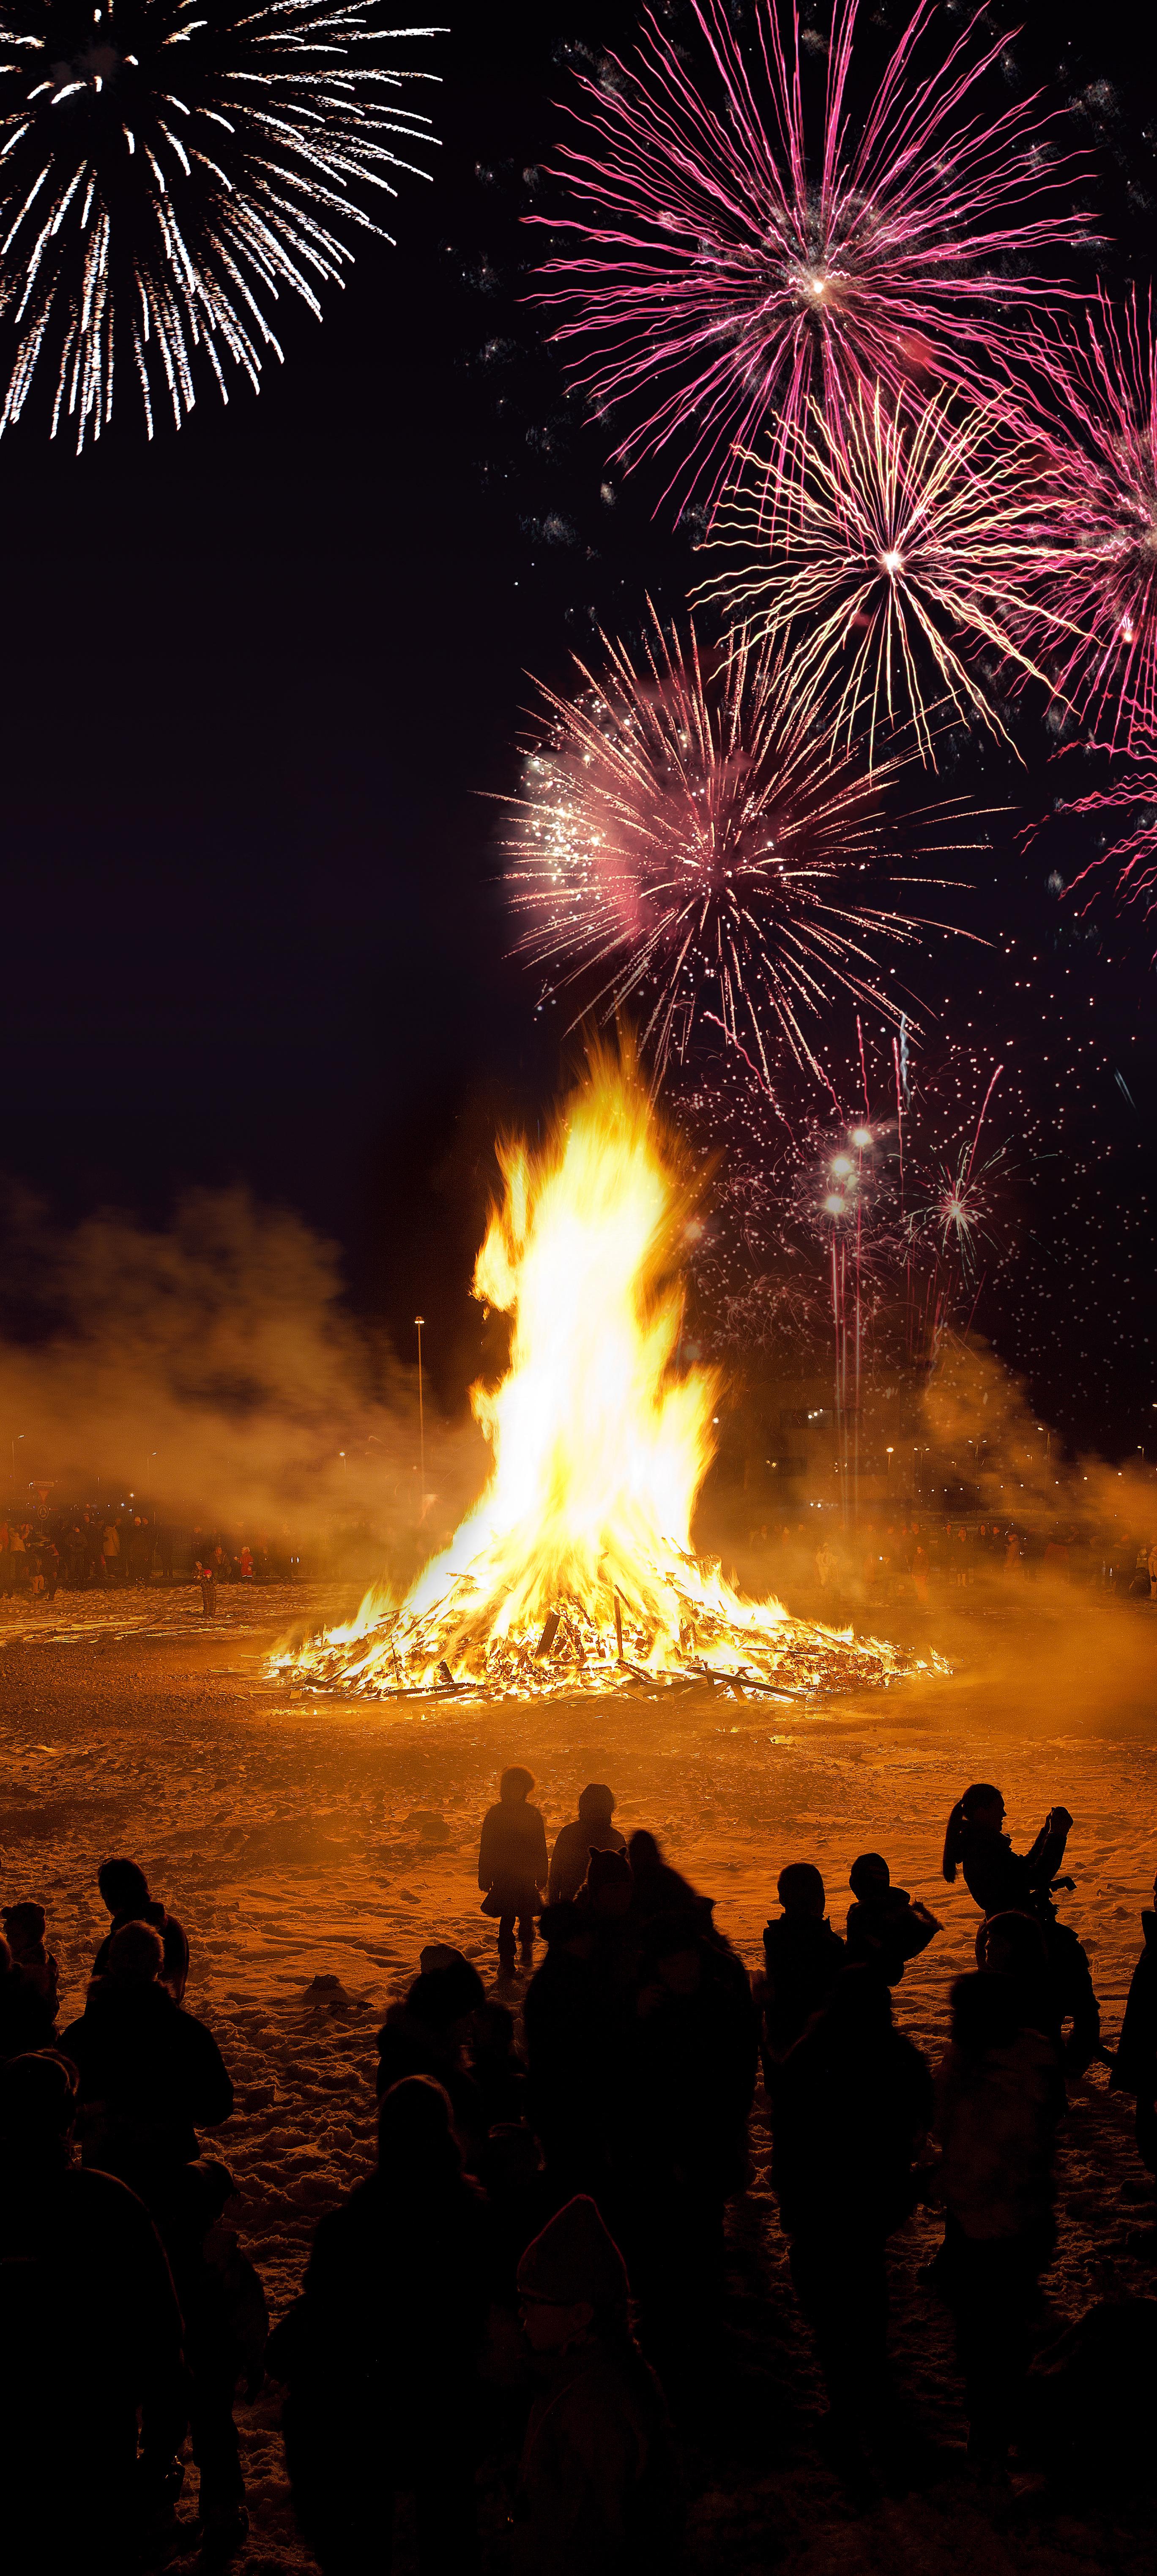 การก่อกองไฟนั้นได้รับความนิยมอย่างมากในหมู่คนท้องถิ่นในคืนปีเก่า